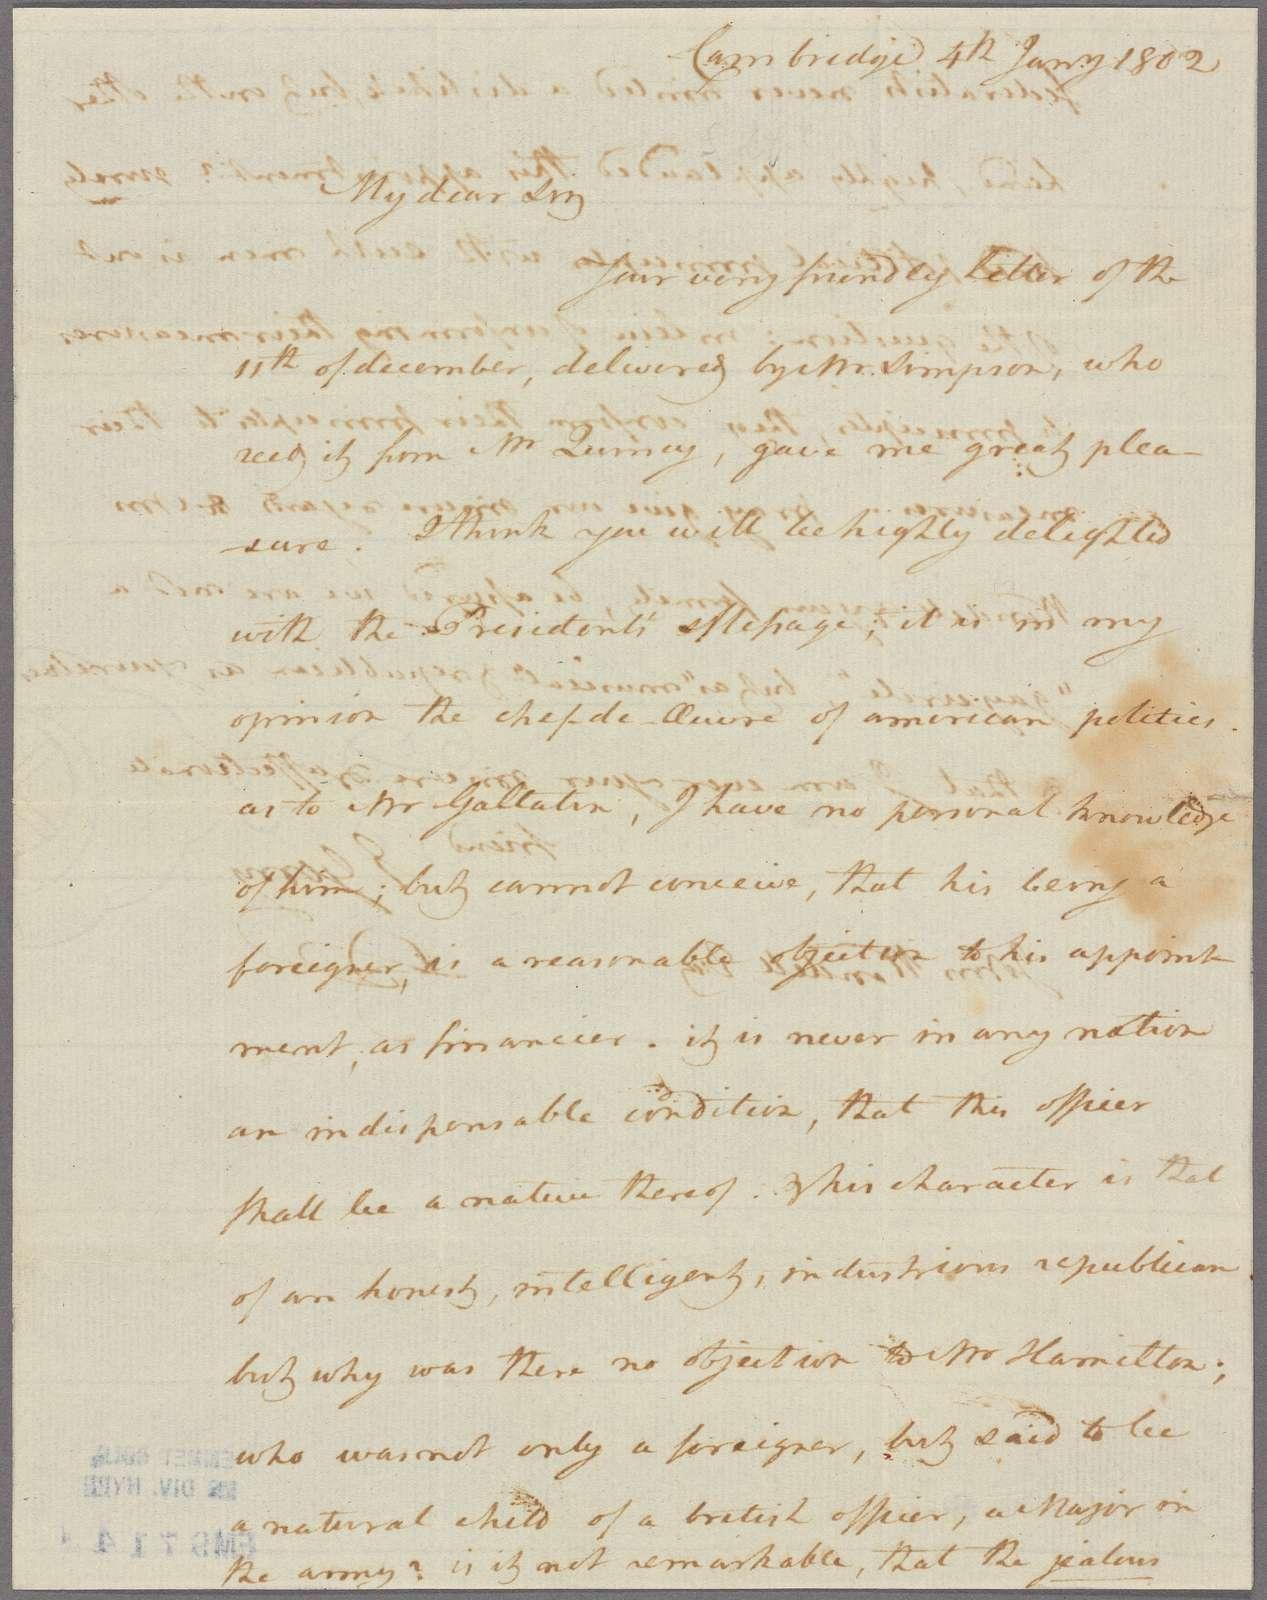 Letter to John Wendell [Portsmouth, N. H.]